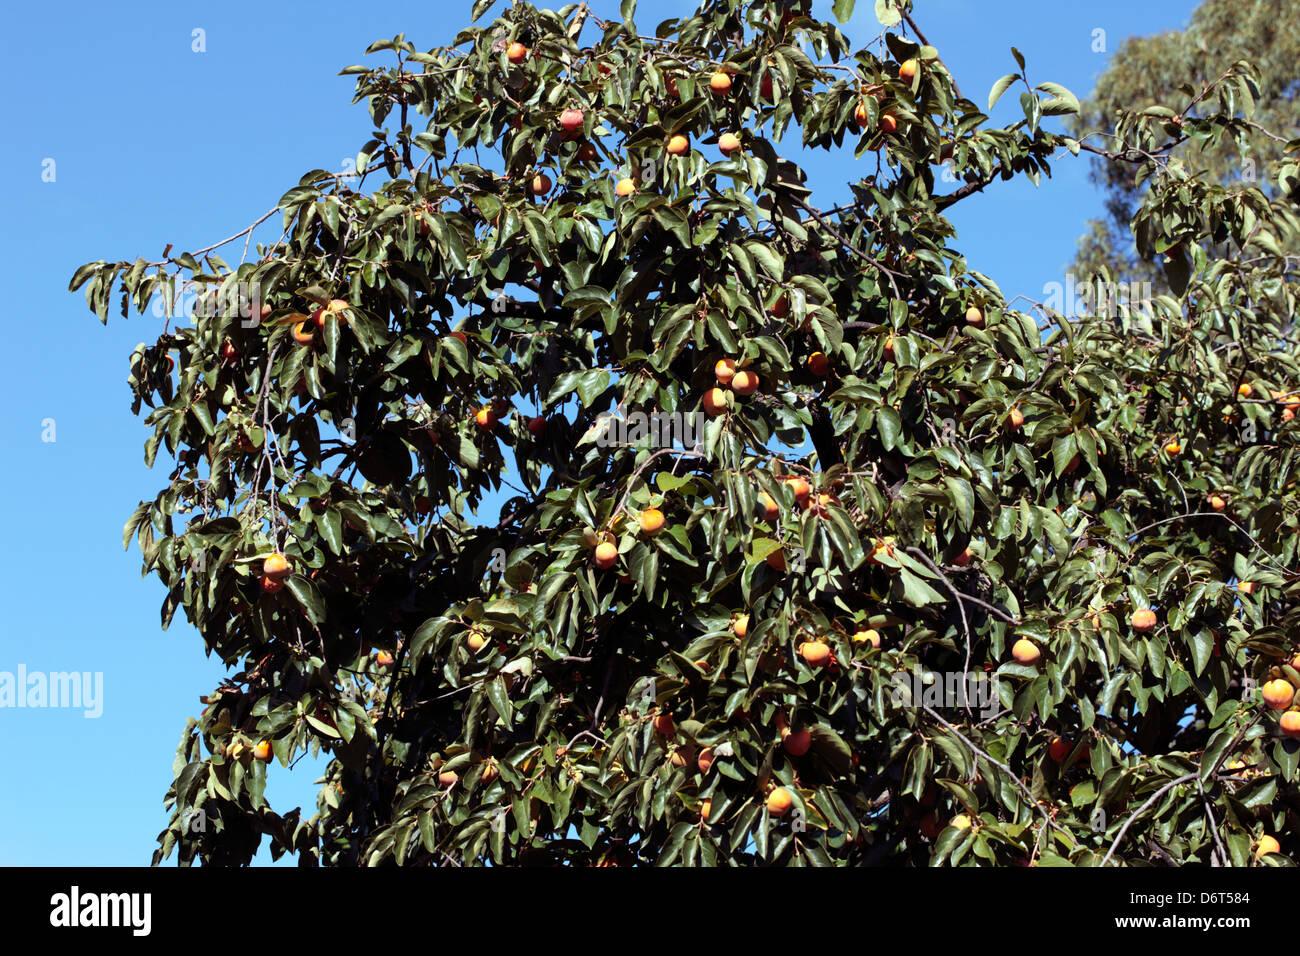 Japanese Date Plum/Kaki Tree-Diospyros kaki-Family Ebenaceae Stock Photo